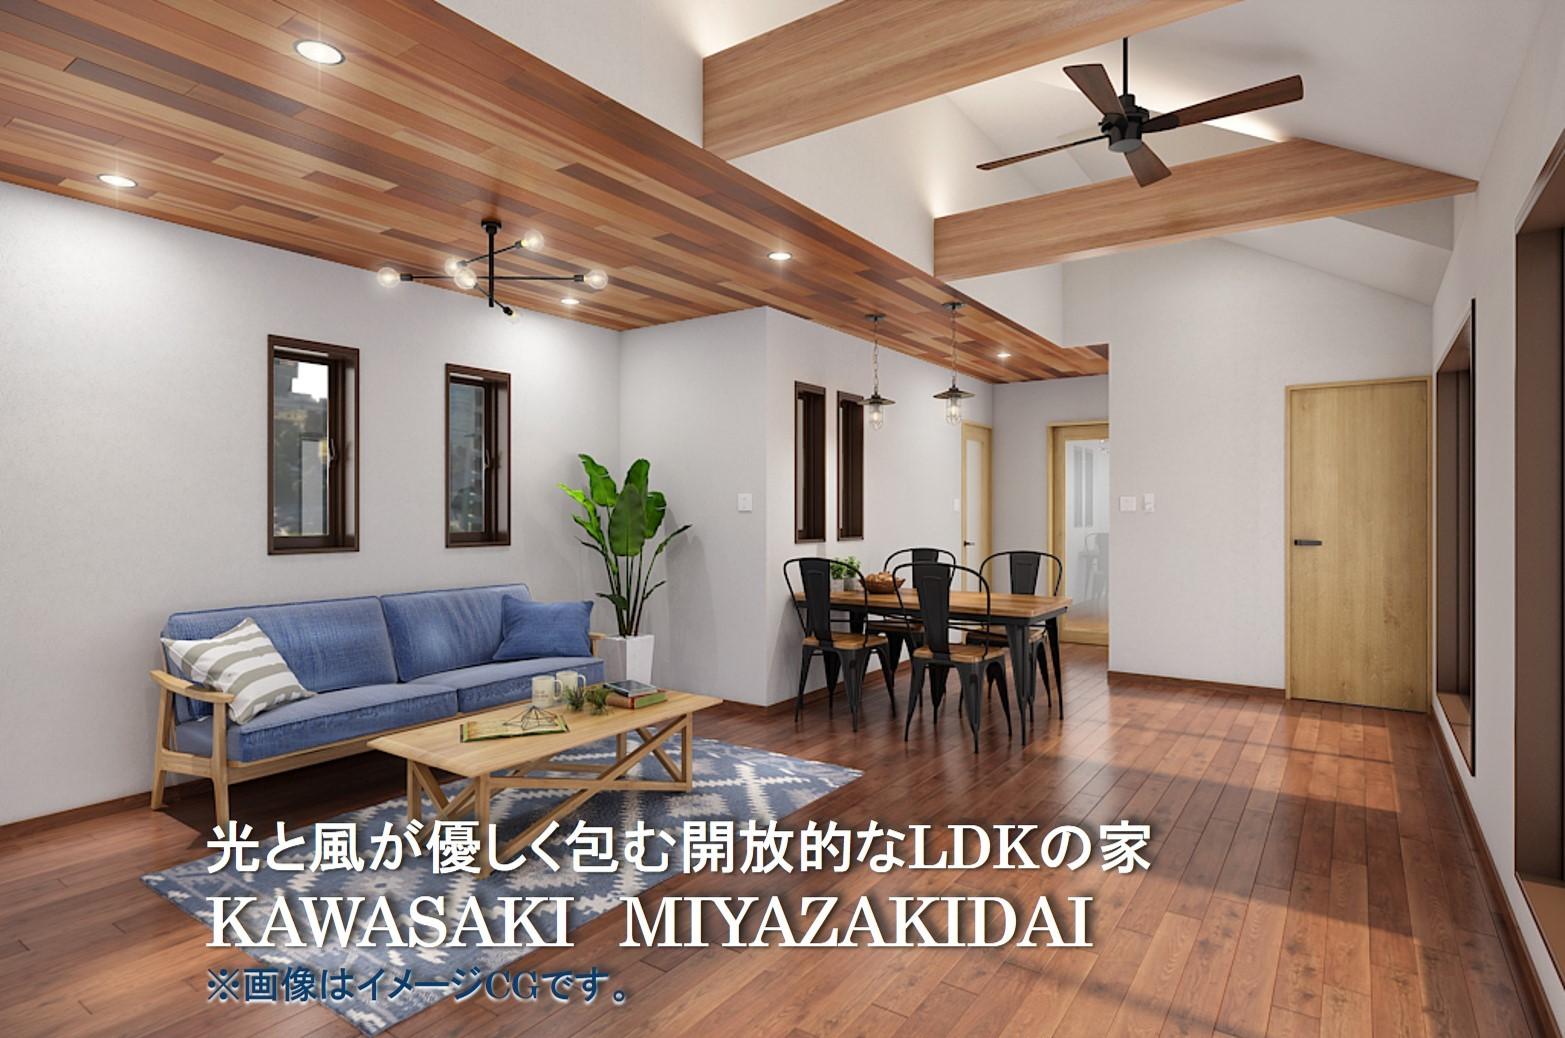 光と風が優しく包む開放的なLDKの家 宮崎台 KAWASAKI MIYAZAKIDAI